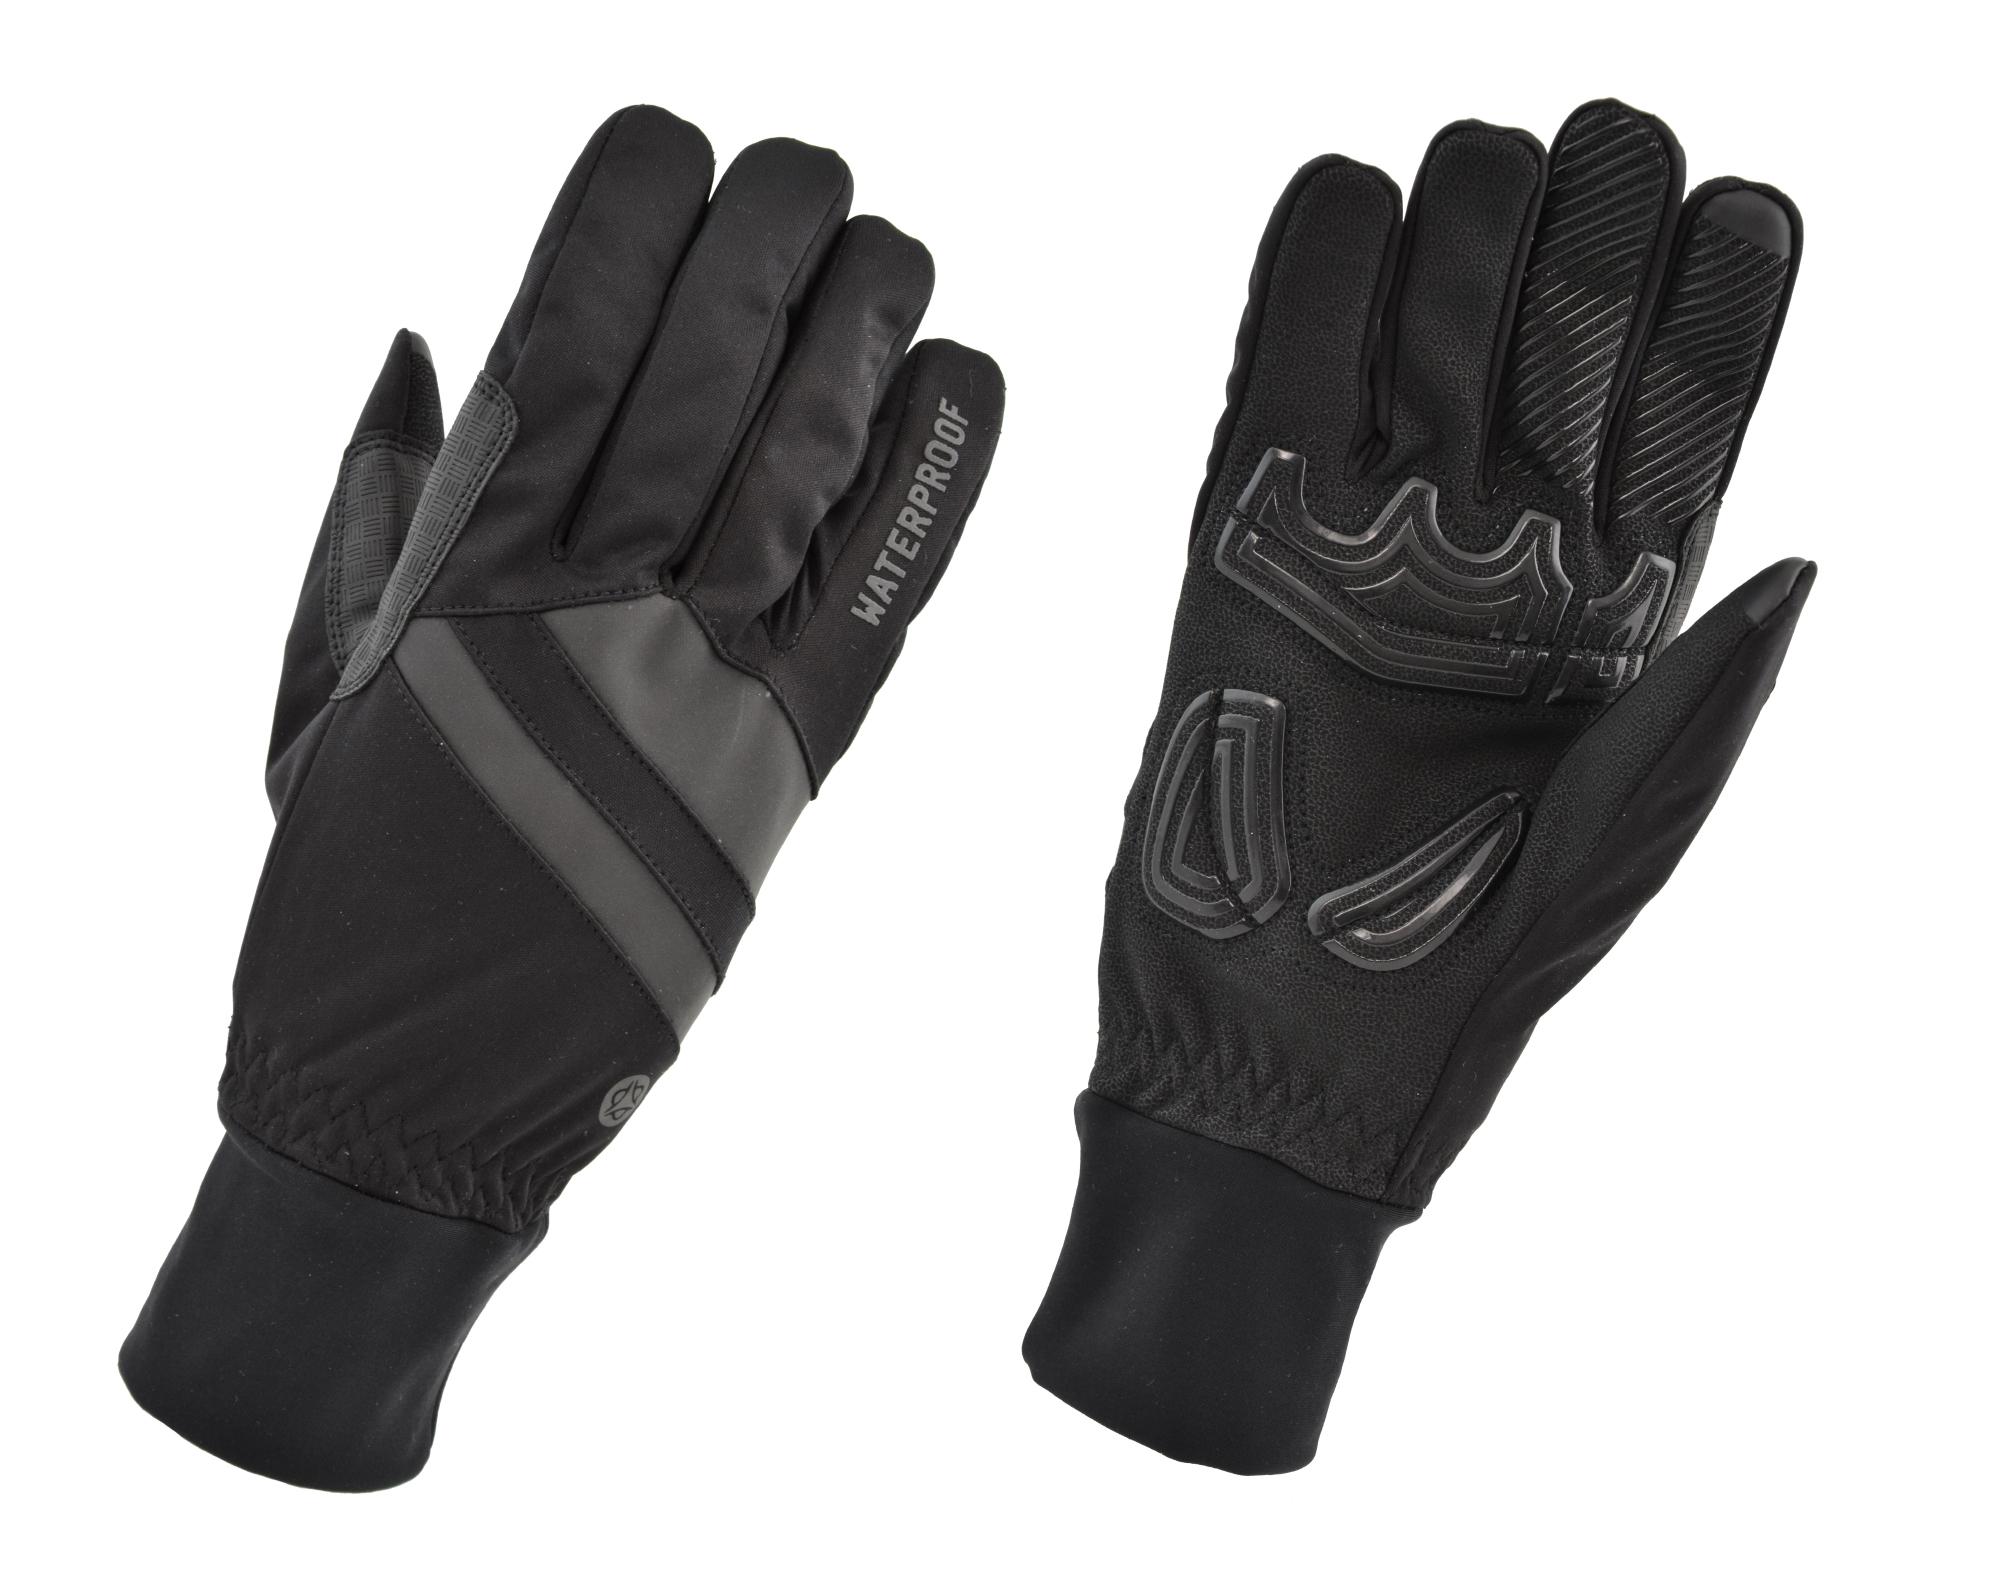 AGU Essential Vandtætte Handsker - Sort | Gloves